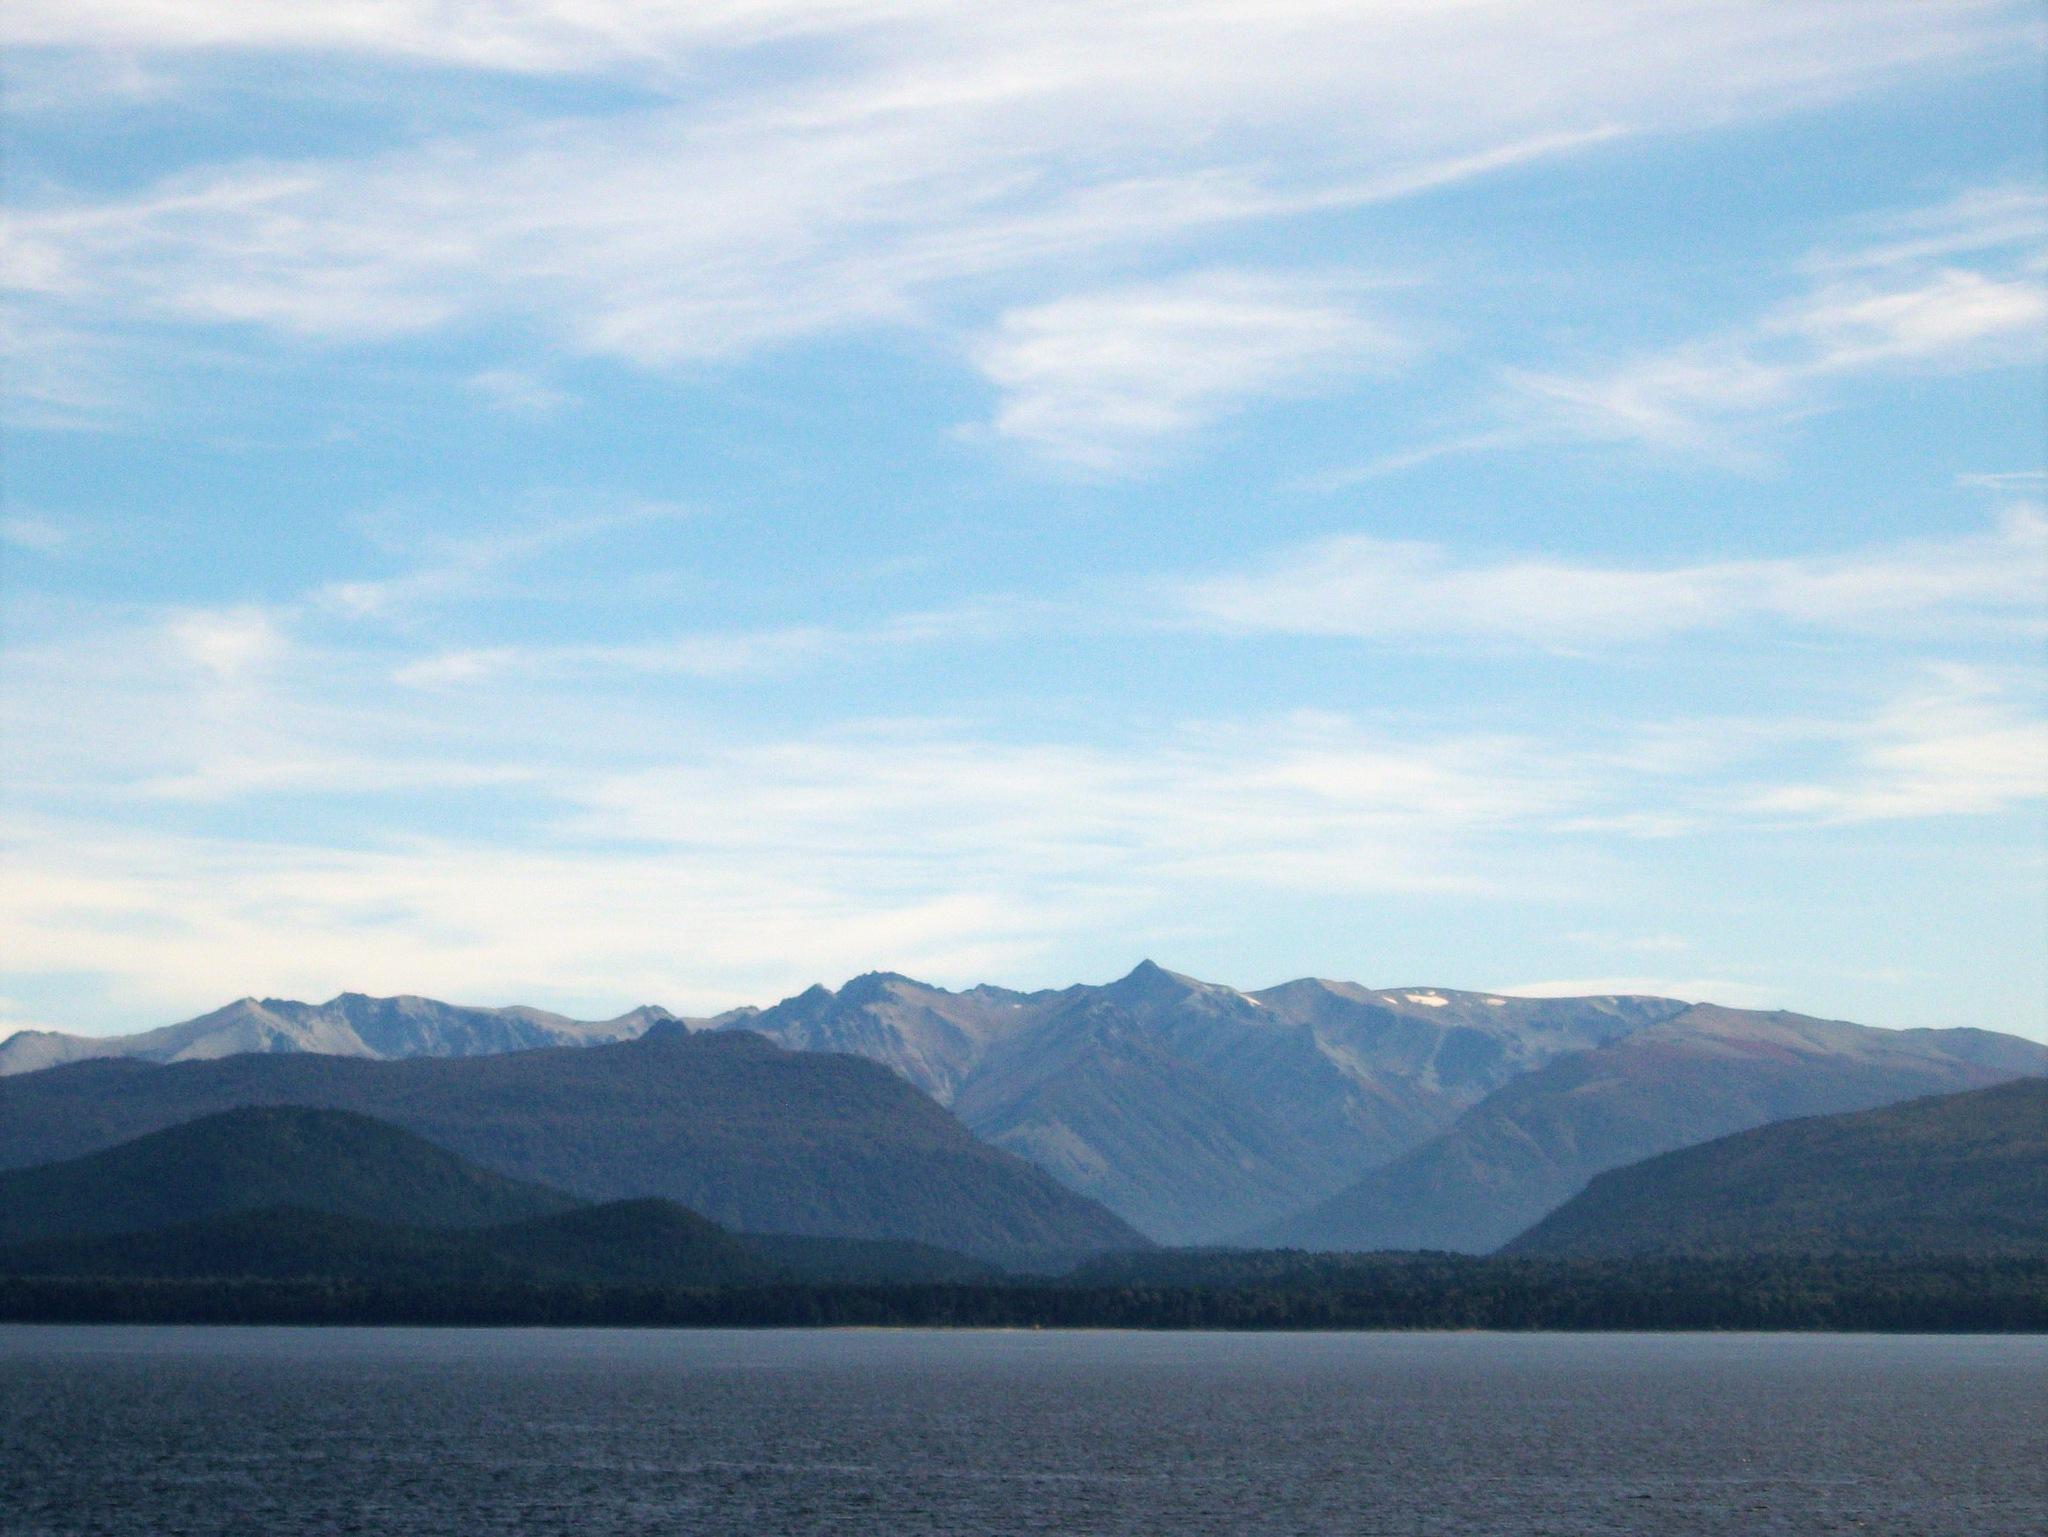 Patagonia Lago Nahuel Huapi by maria.telegdy